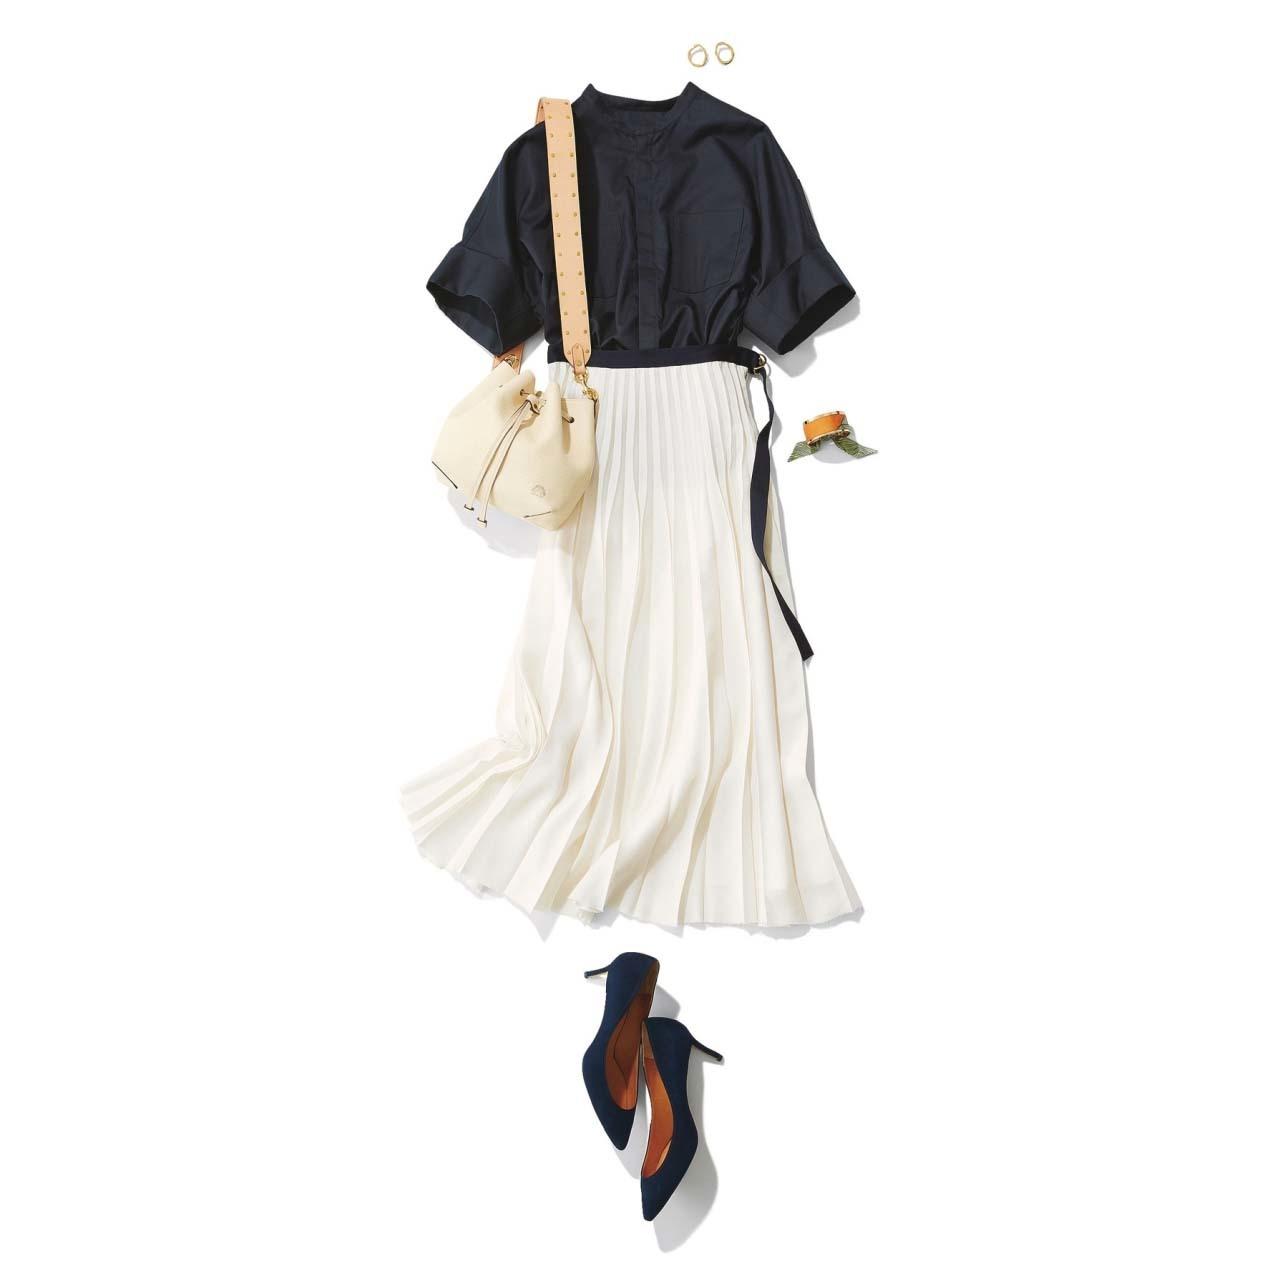 ブラウス×白のプリーツスカートコーデ